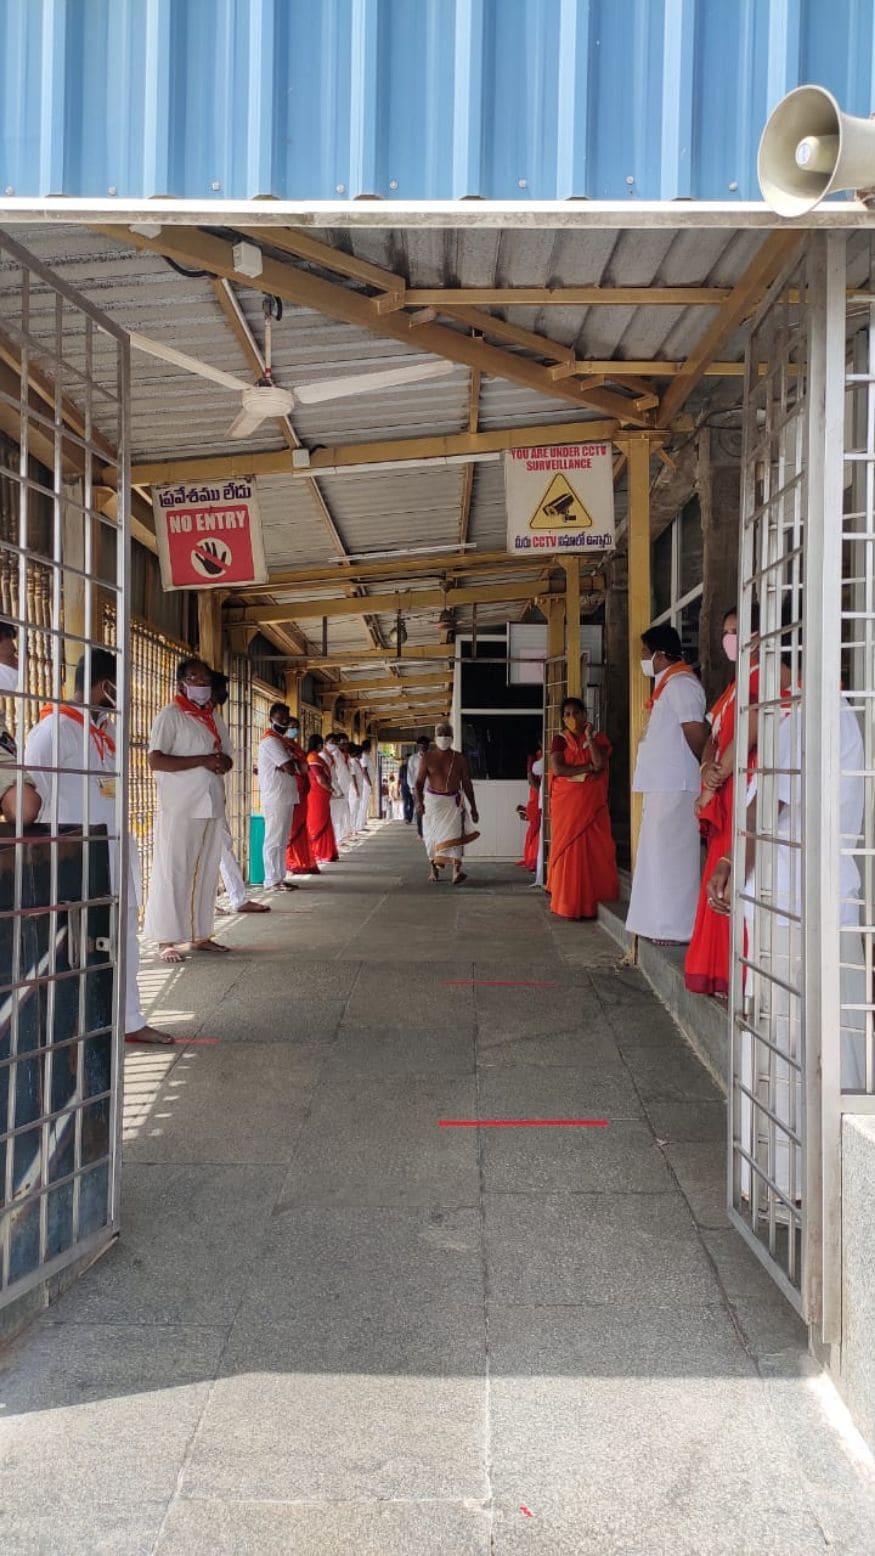 83 நாட்களுக்கு பிறகு கோவில் அனைத்து பக்தர்களுக்கும் திறக்கப்பட்ட நிலையில், நேற்று உண்டியலில் மட்டும் 43 லட்சம் ரூபாய் காணிக்கையாக அளிக்கப்பட்டுள்ளது.